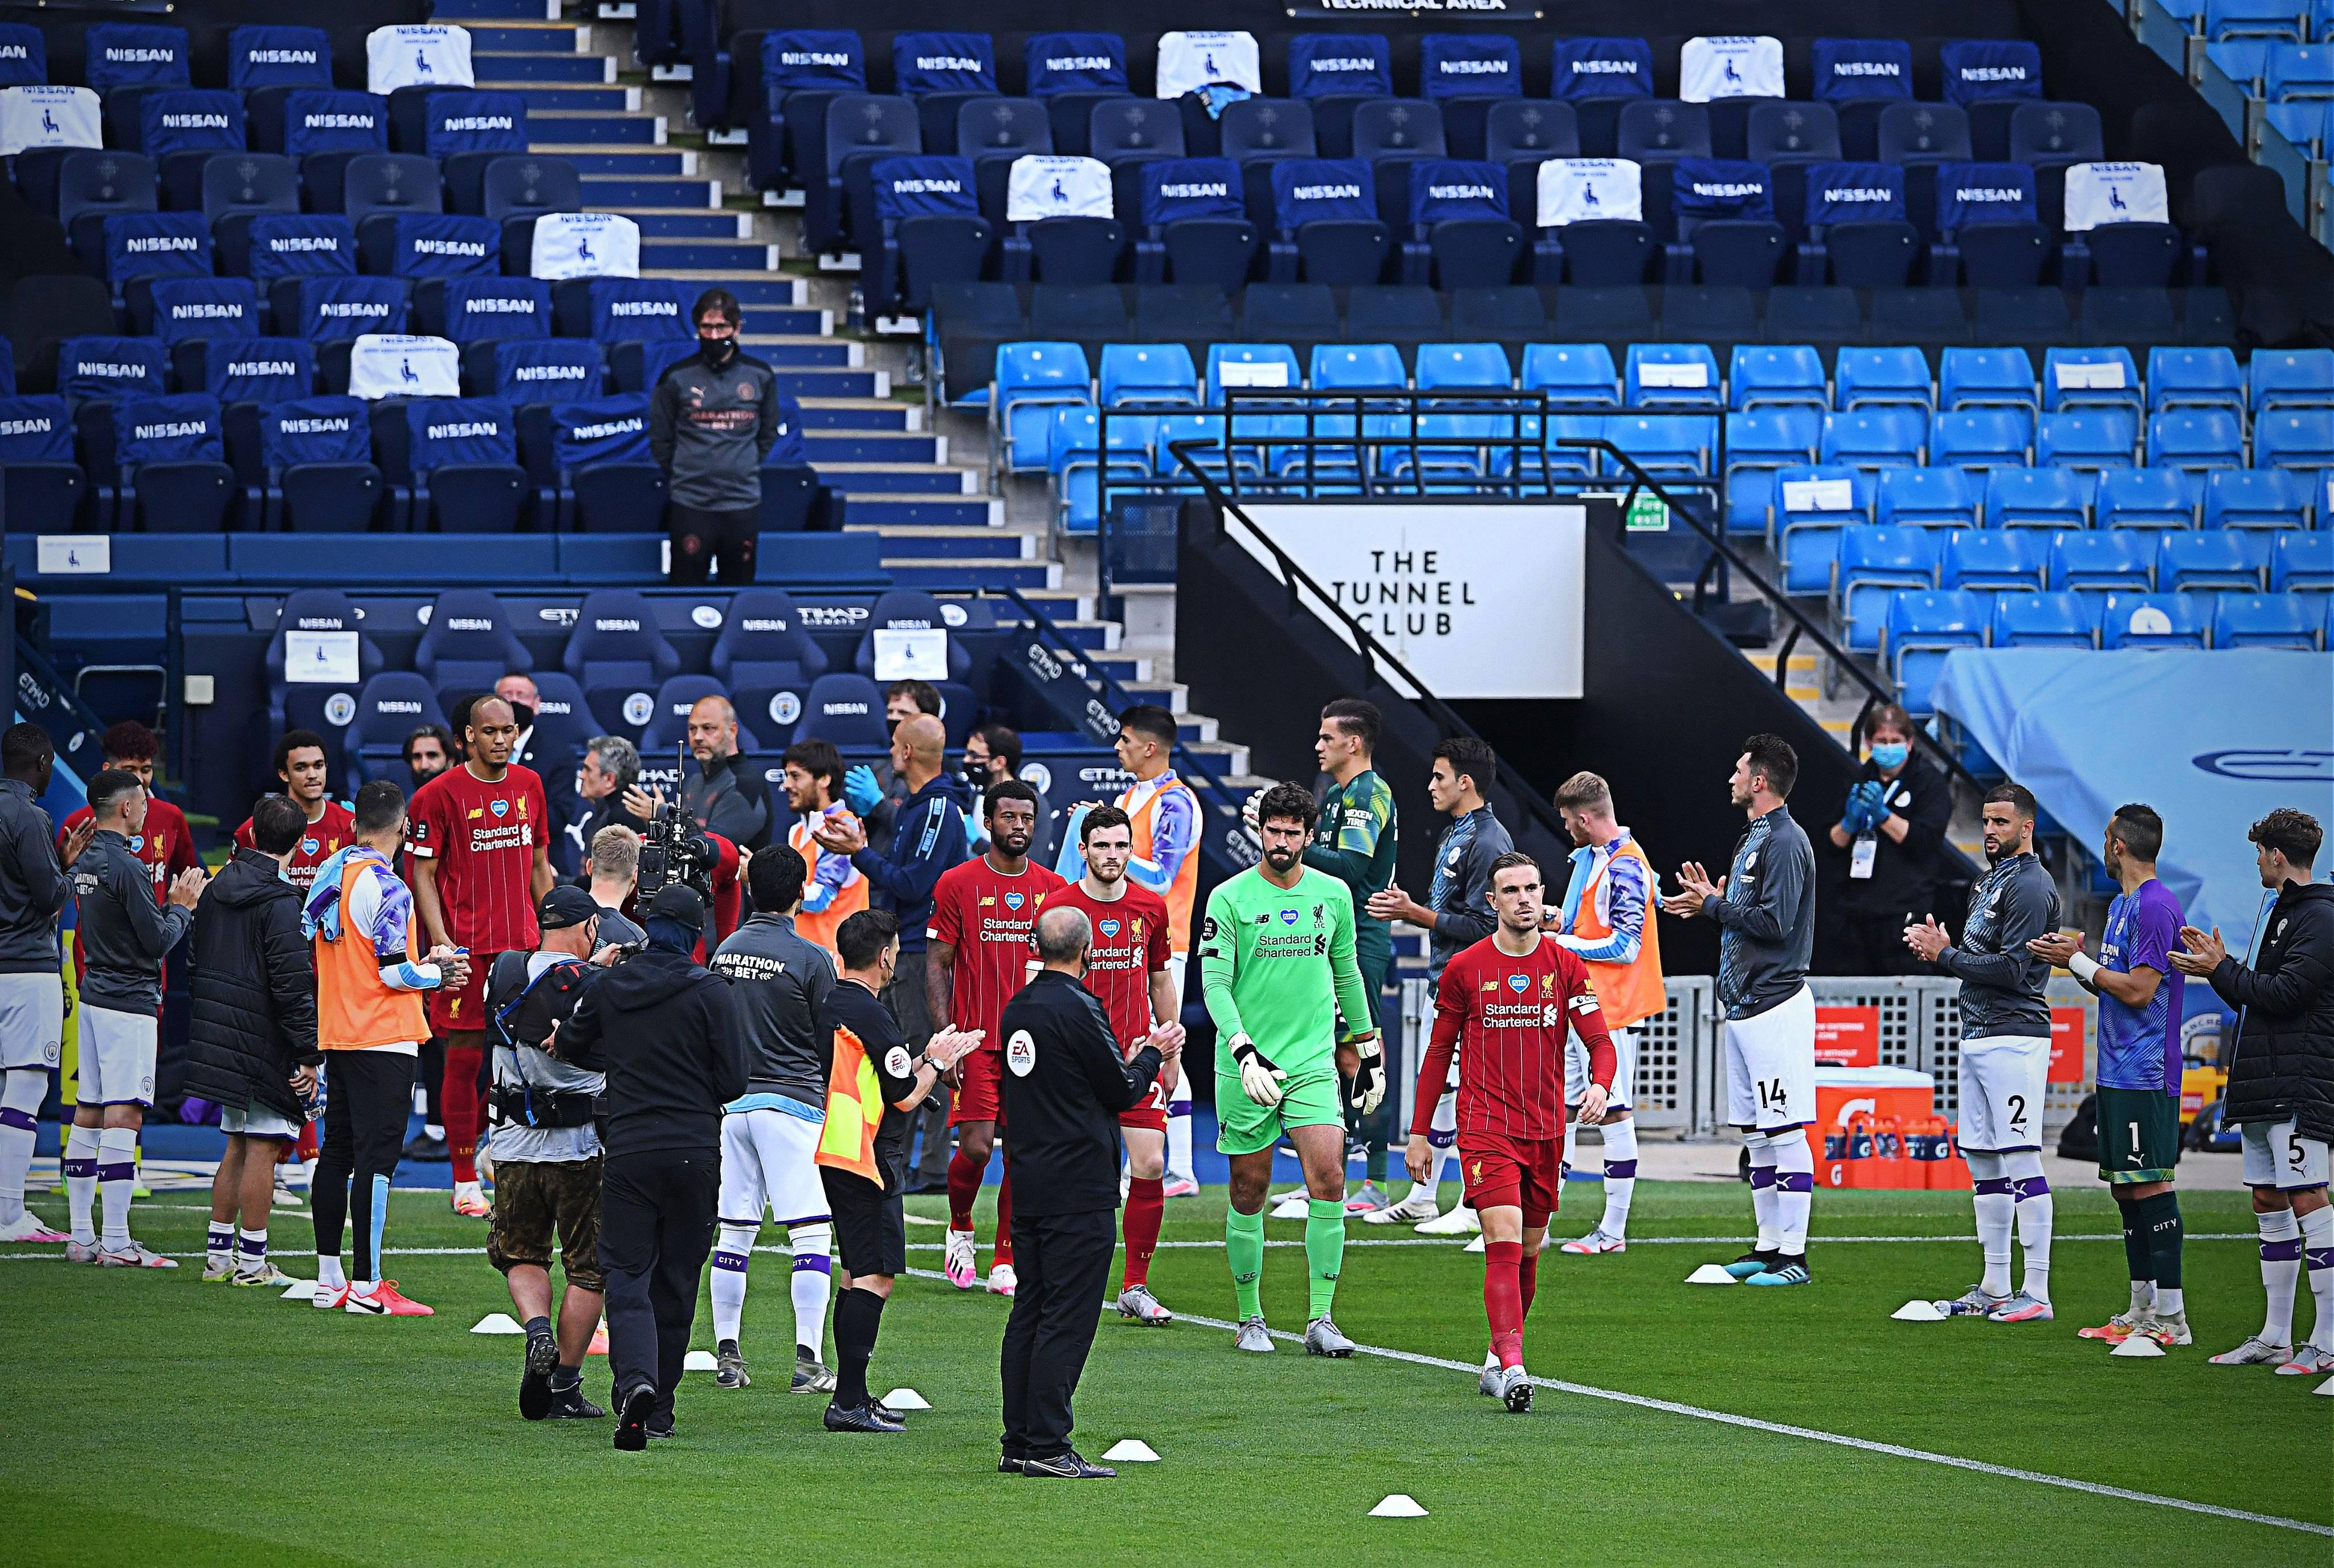 利物浦荣耀时刻!曼城两侧列队鼓掌 恭迎英超新